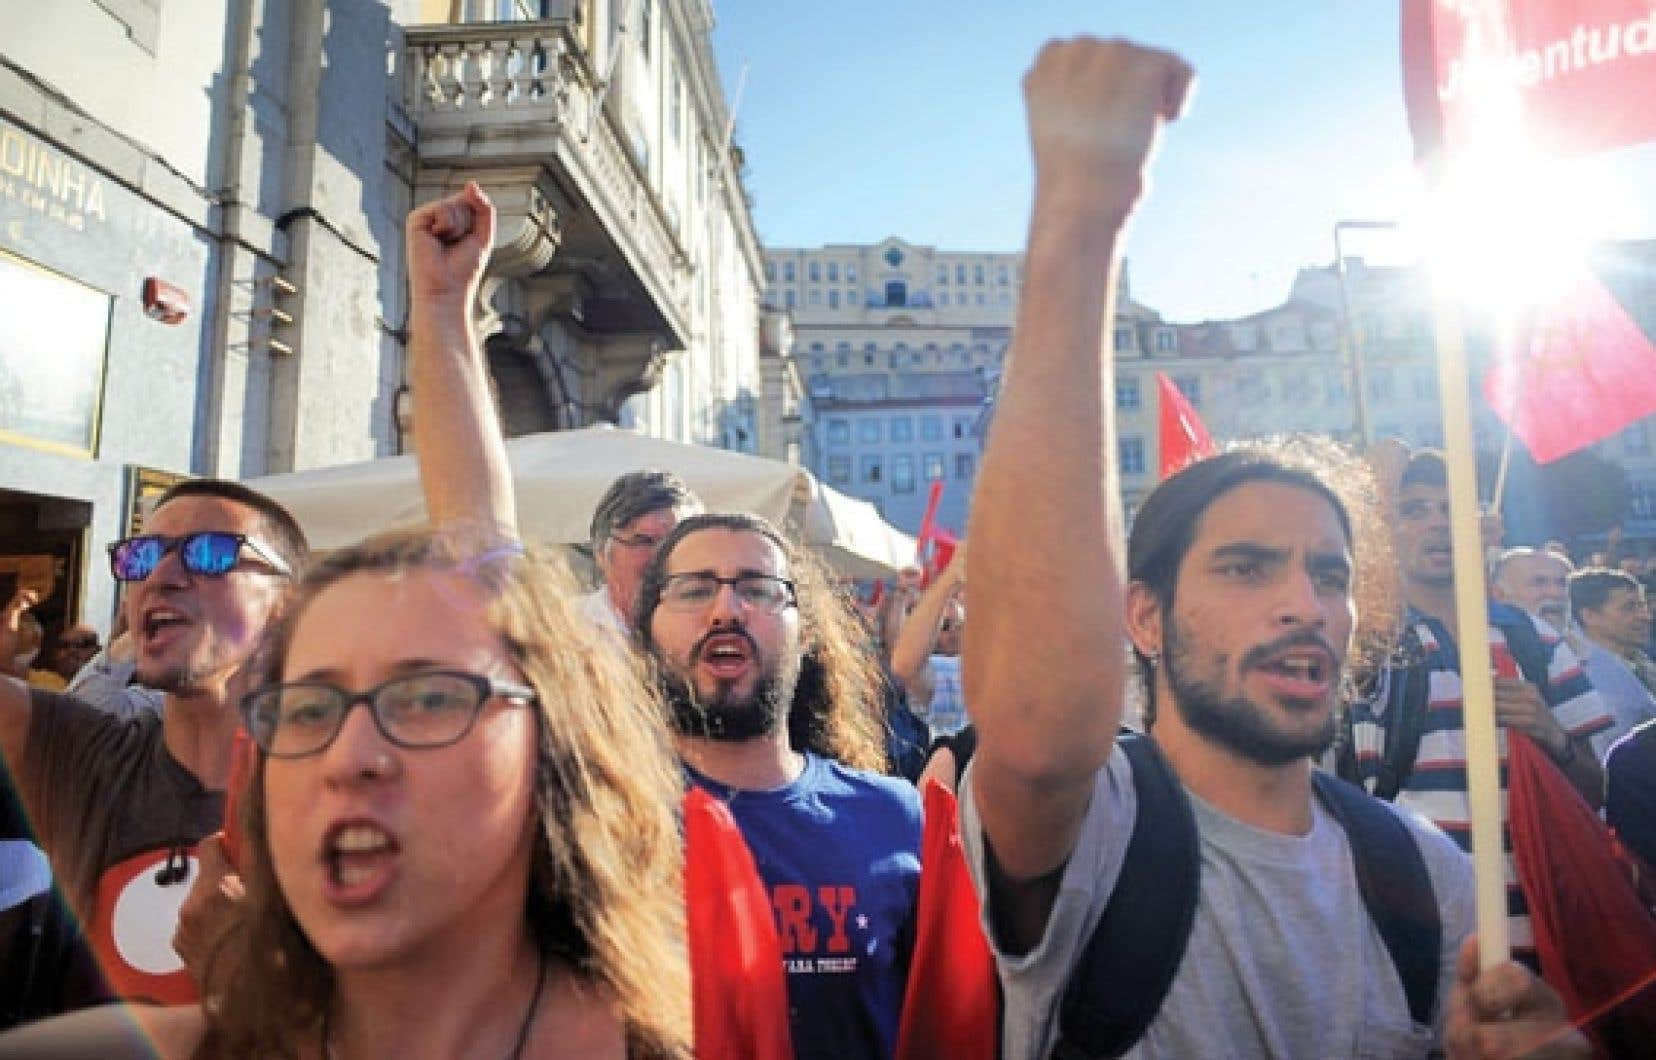 Le Parti communiste et les mouvements syndicaux poursuivent les manifestations pour réclamer la démission du gouvernement. La CGTP a appelé à manifester samedi devant le palais présidentiel.